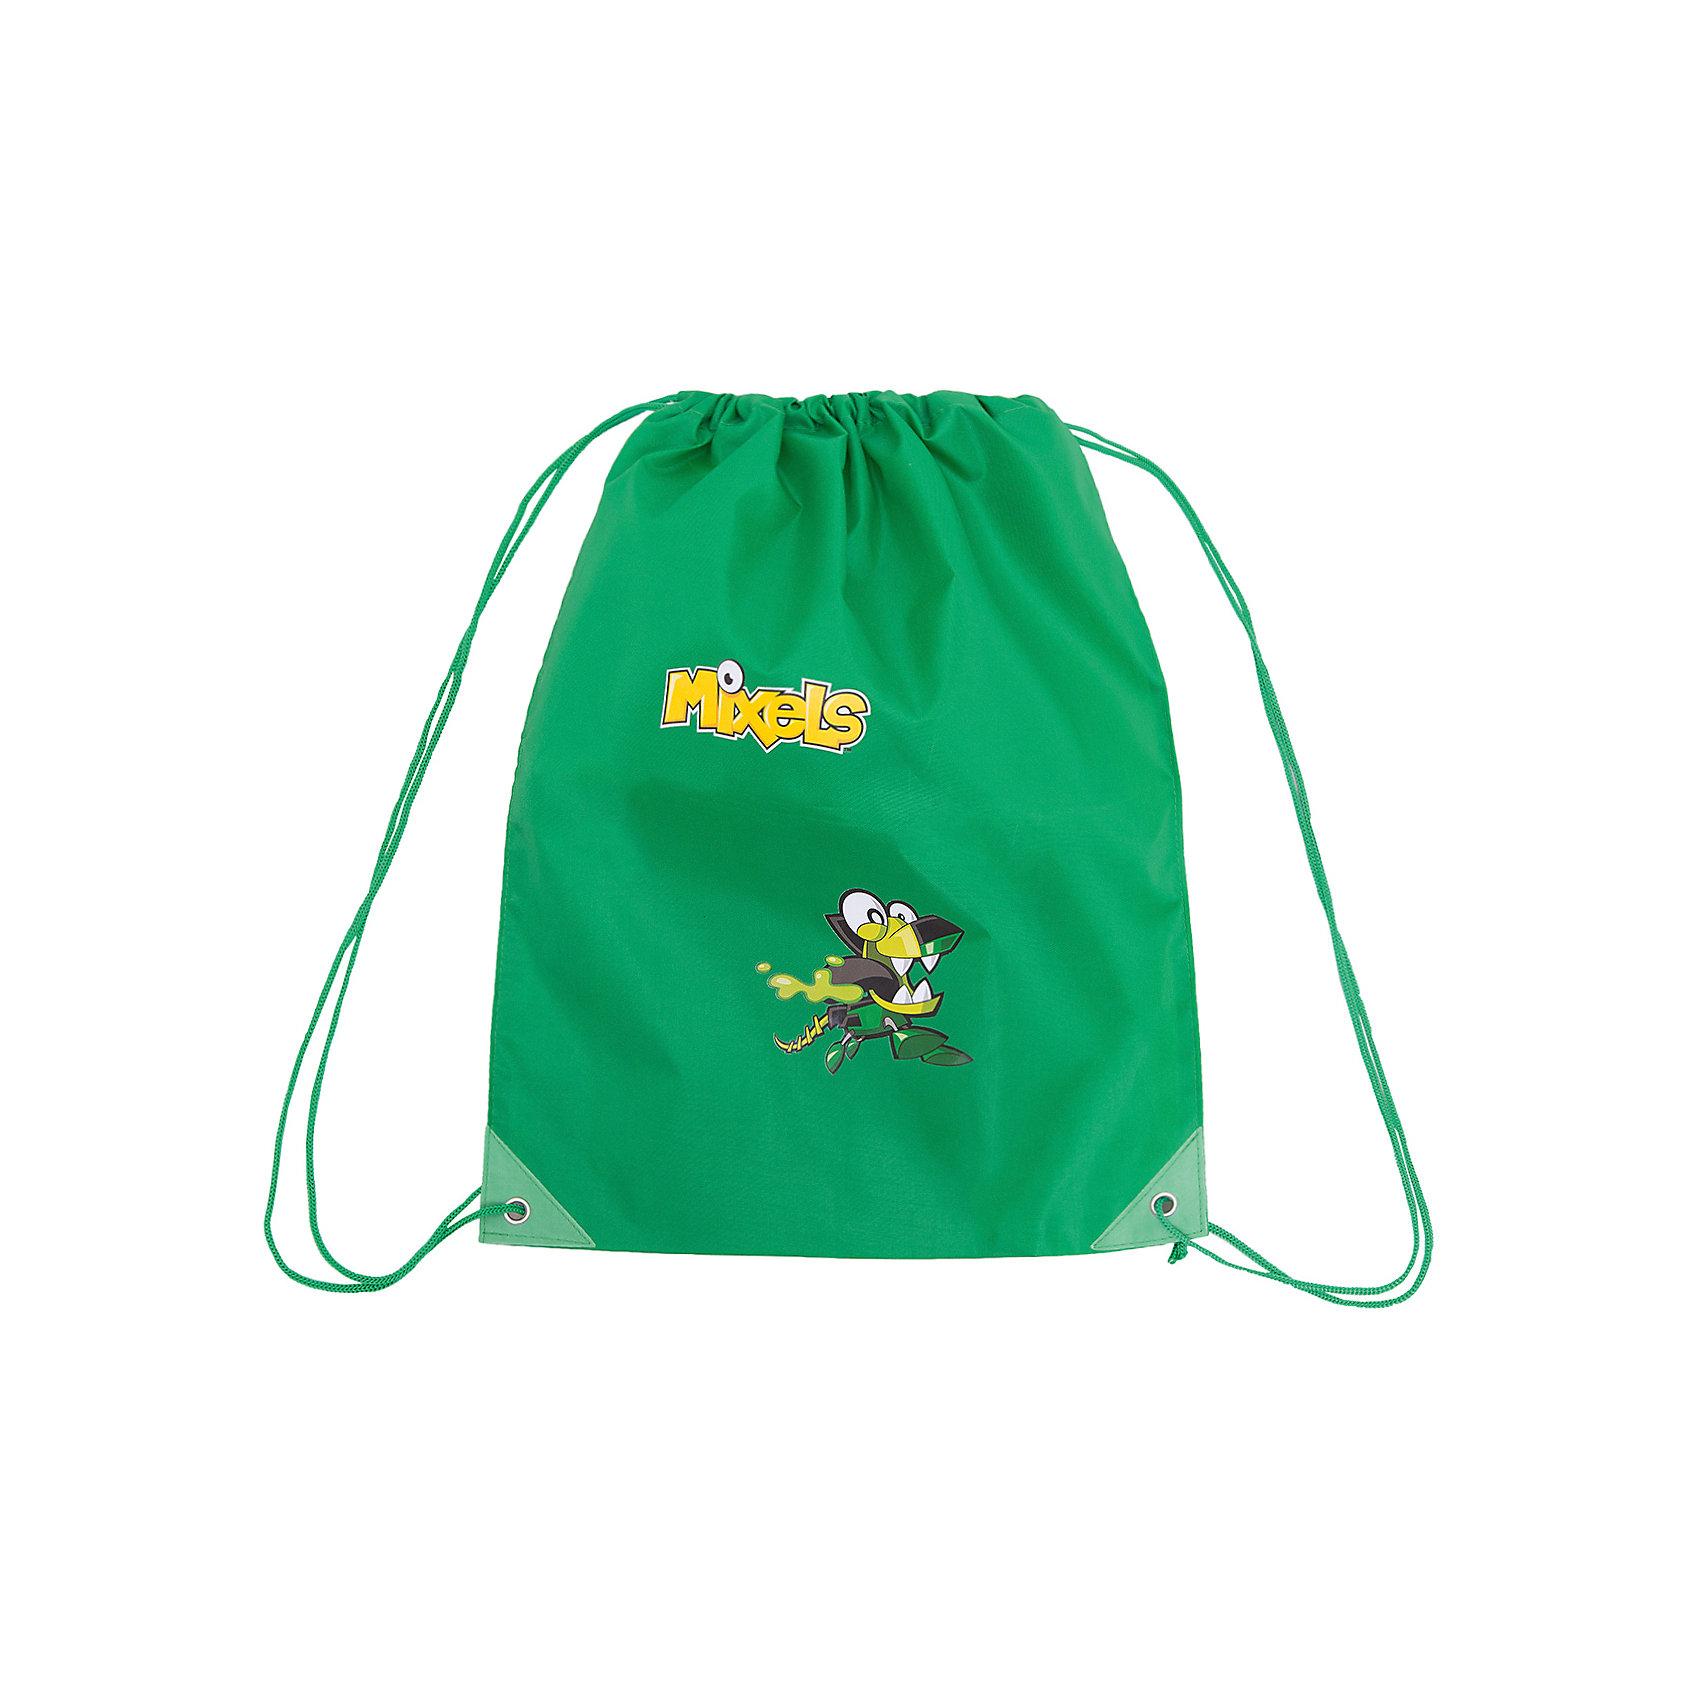 Мешок для обуви Premium Light, зеленый, МixelsСумка-рюкзак для обуви красного цвета Mixels  от Lego с изображением любимых героев мультфильма- незаменимая вещь в учебе ребёнка!<br> Удобный и очень легкий мешок, украшен ярким принтом с изображением любимого героя. Может использоваться как для хранения, так и для переноски сменной обуви и спортивной одежды. Выполнен из высококачественного полиэстера плотностью 210 den и имеет водоотталкивающее покрытие. Затягивается сверху шнуром-лямкой и носится, как рюкзак.<br><br>Ширина мм: 430<br>Глубина мм: 30<br>Высота мм: 350<br>Вес г: 45<br>Возраст от месяцев: 48<br>Возраст до месяцев: 144<br>Пол: Мужской<br>Возраст: Детский<br>SKU: 5475516